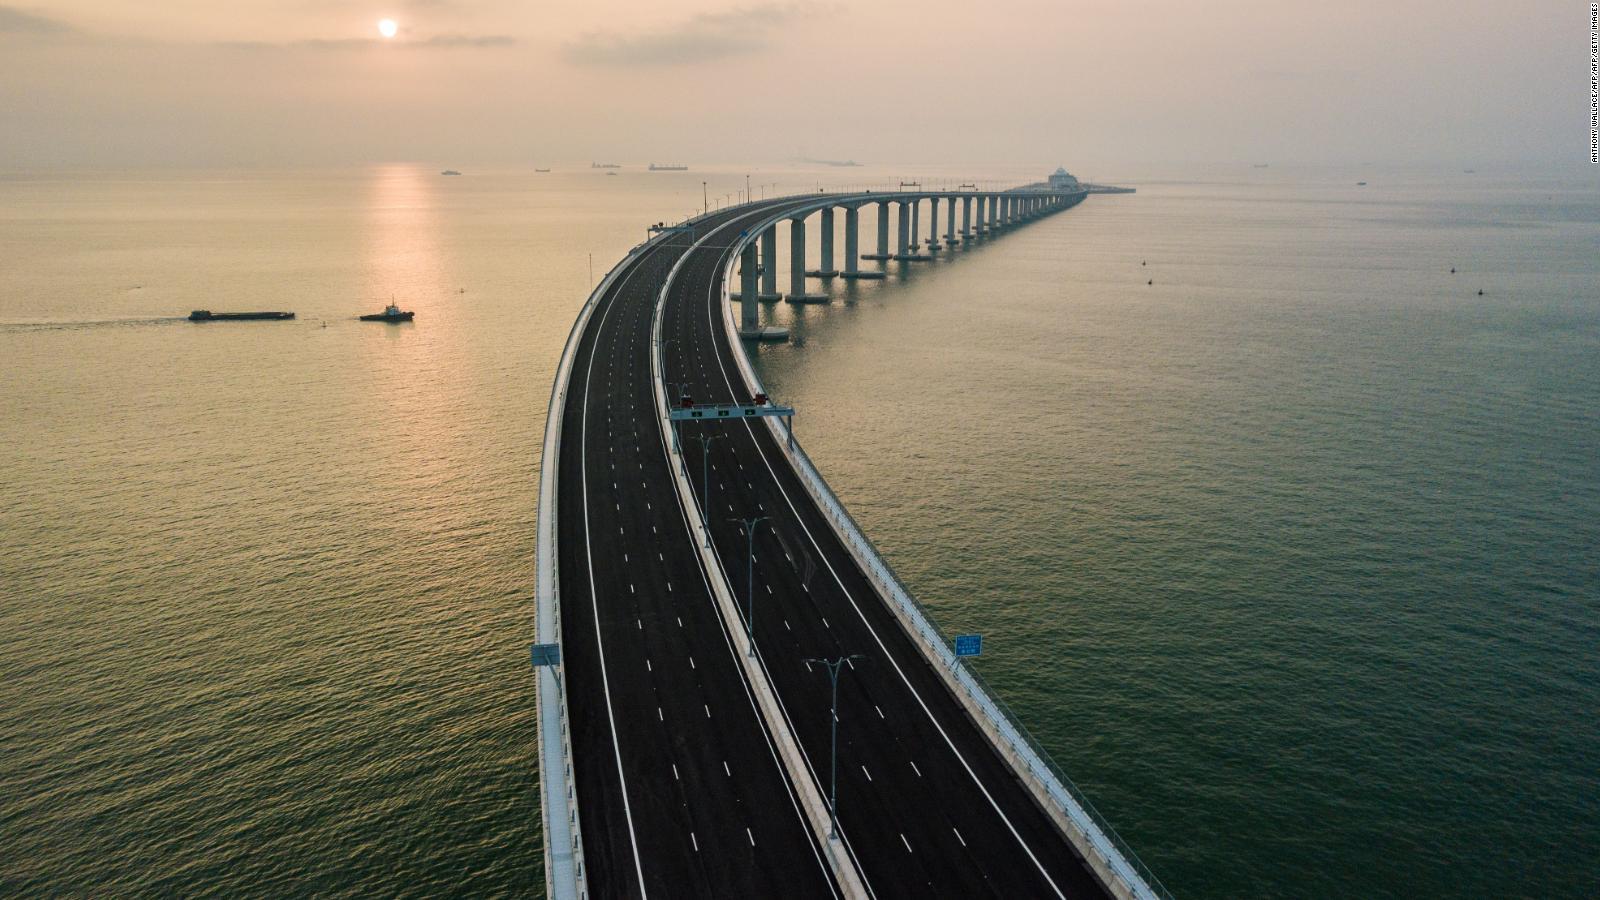 Así puedes cruzar el puente marítimo chino más grande del mundo   CNN